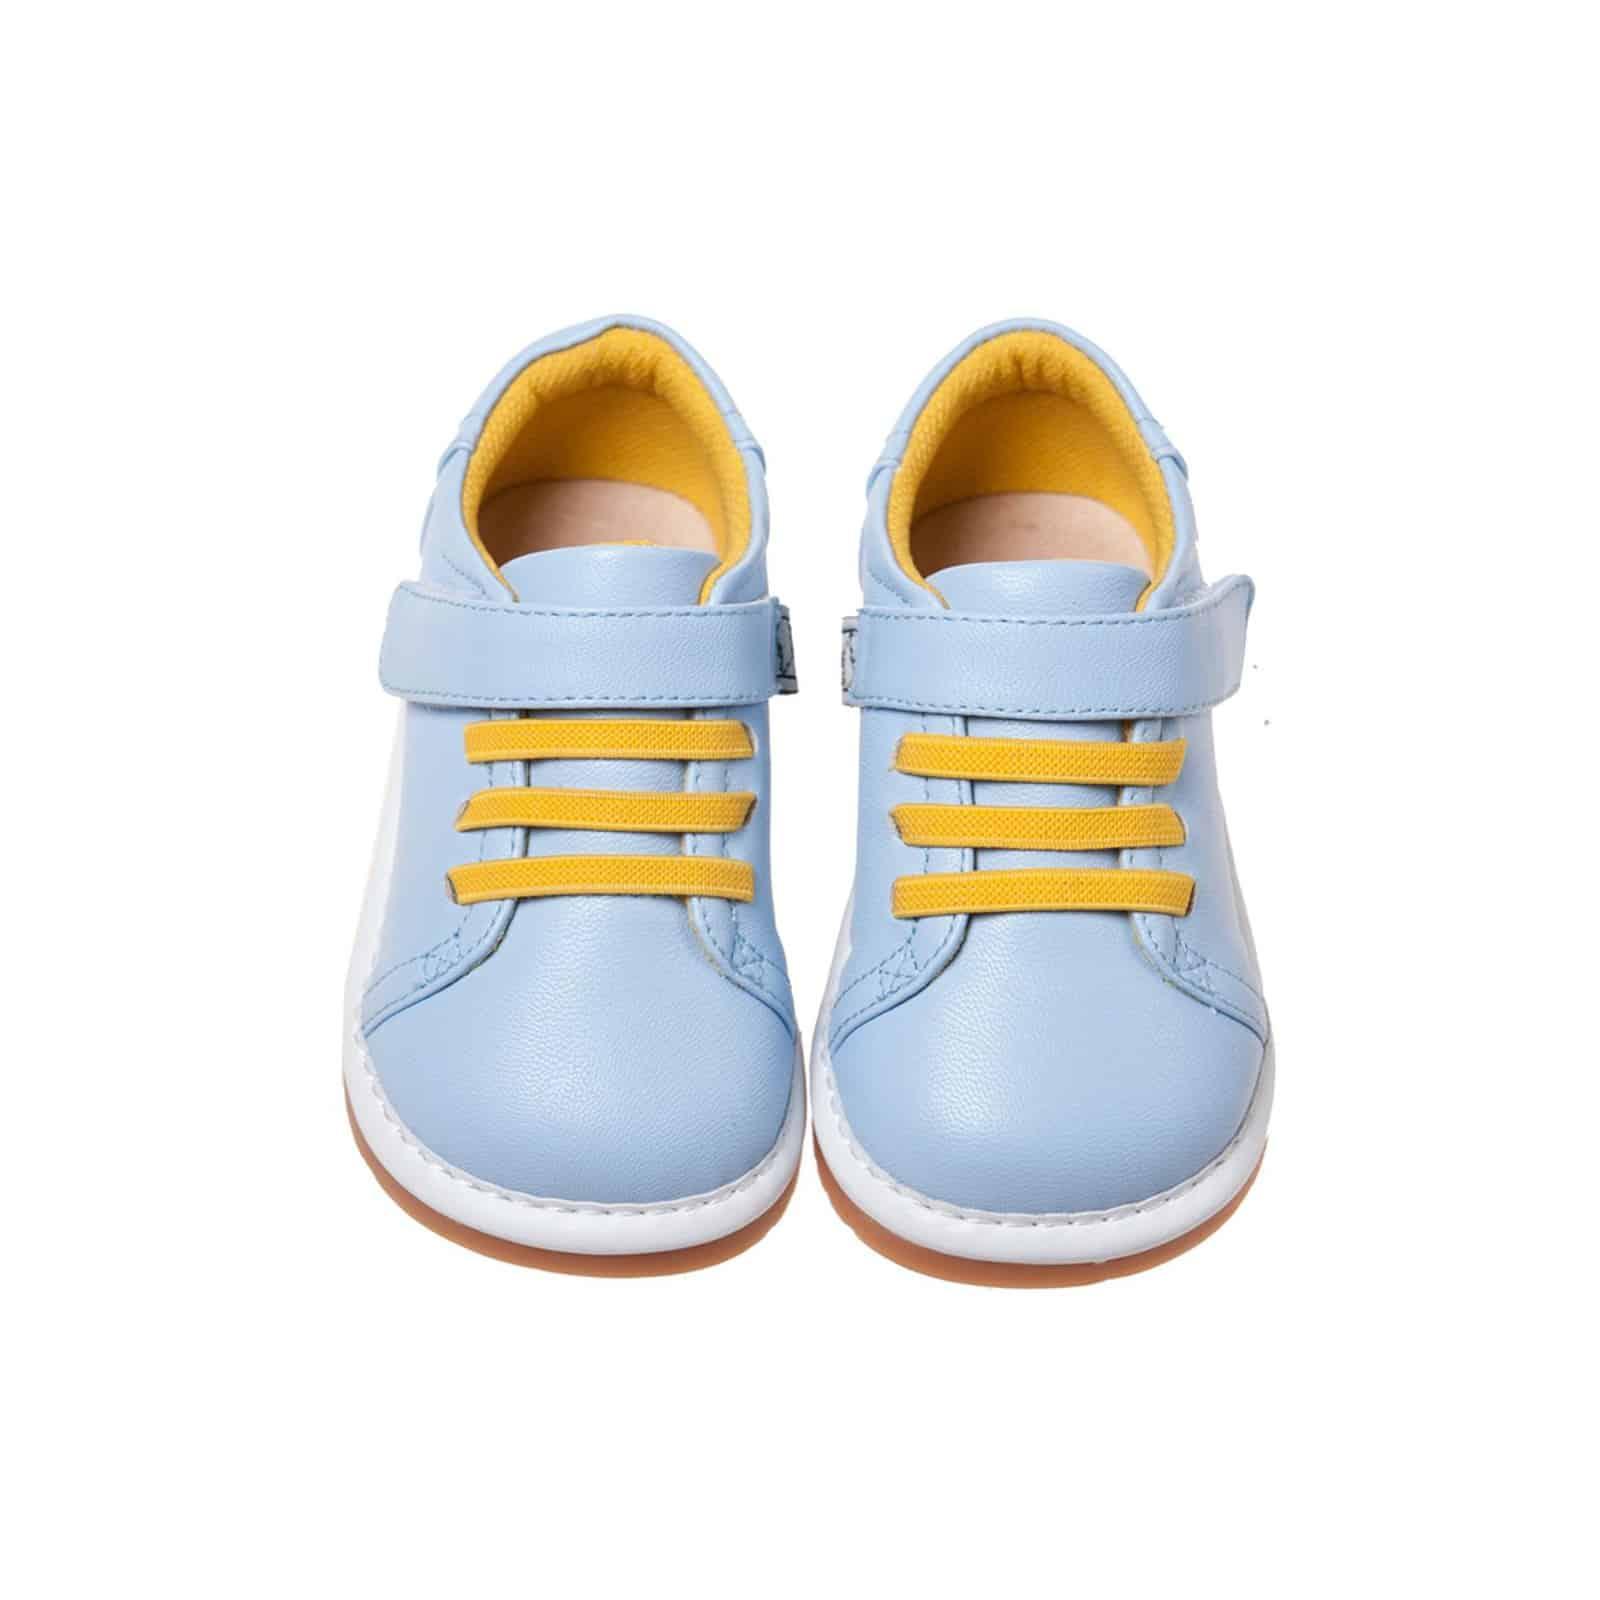 Little Blue Lamb - Zapatos primeros pasos para niño 21 aJciN9lVvG